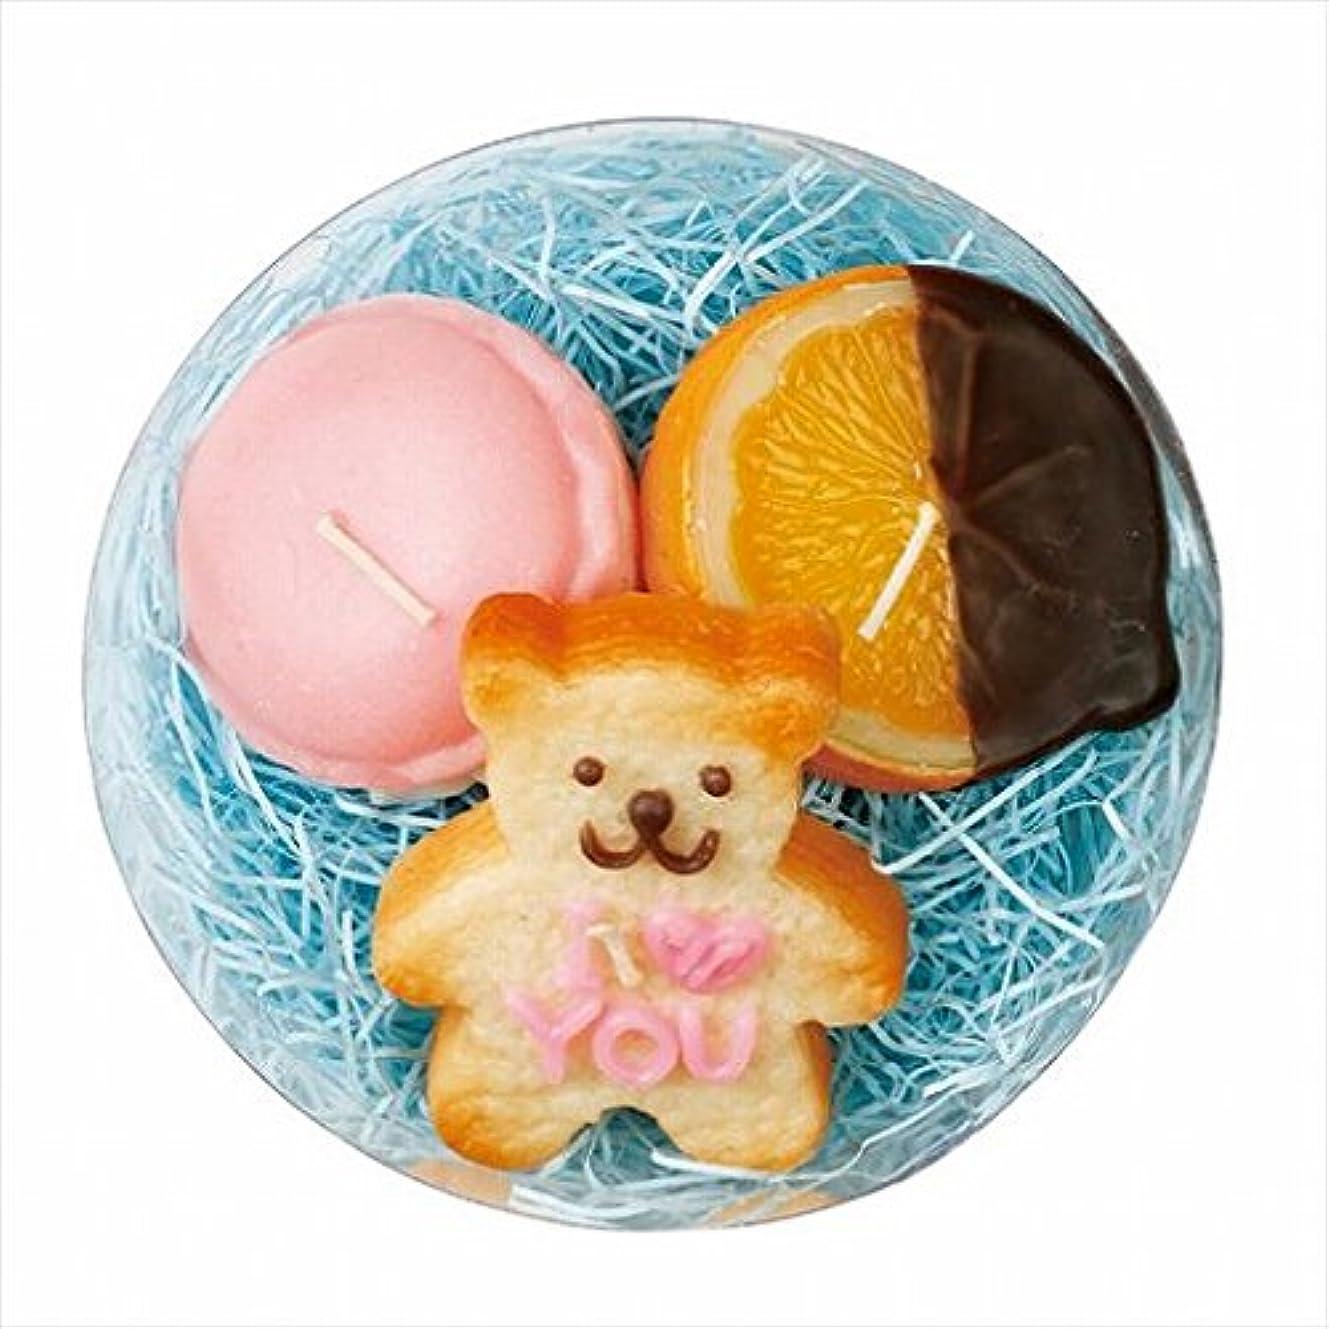 ショッキングクローゼットブランド名sweets candle プチスイーツキャンドルセット 「 バニラベア 」